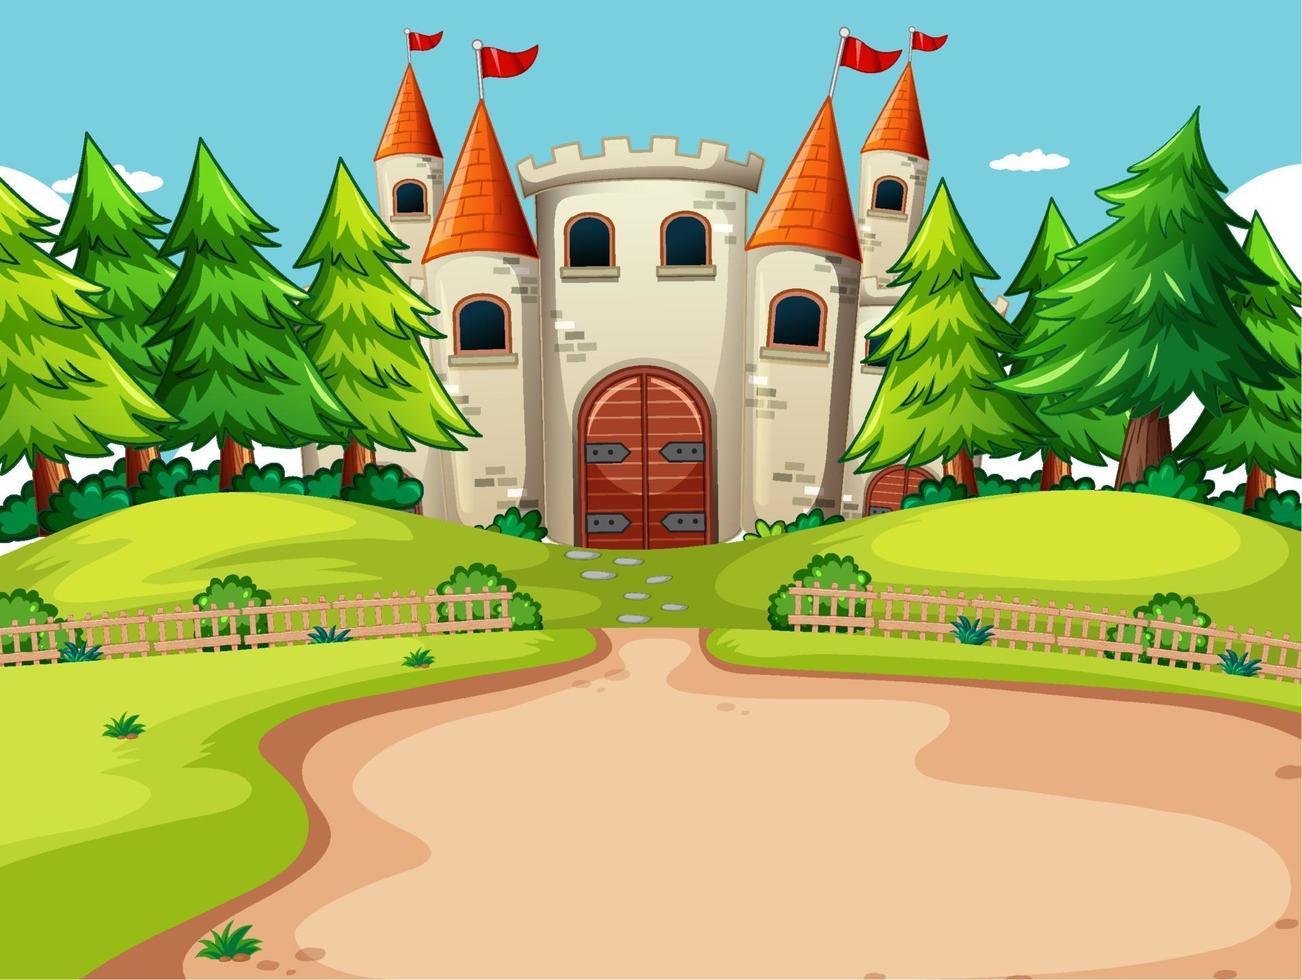 escena al aire libre con gran castillo y elementos de la naturaleza vector